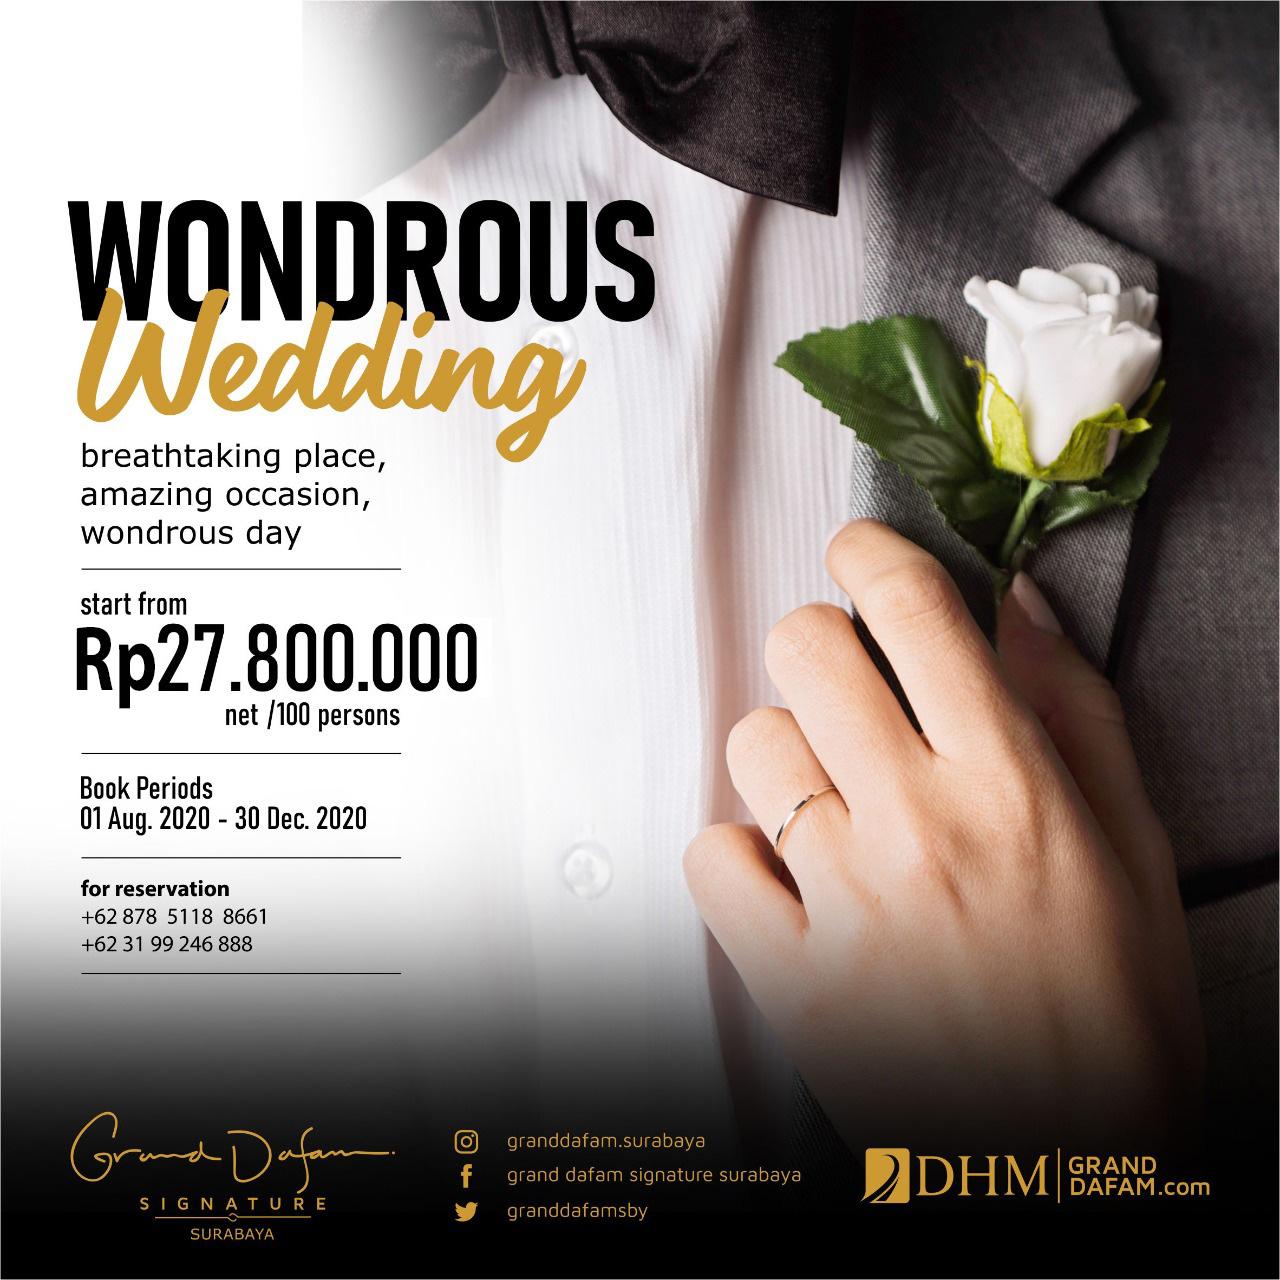 GDSS Wondrous Wedding